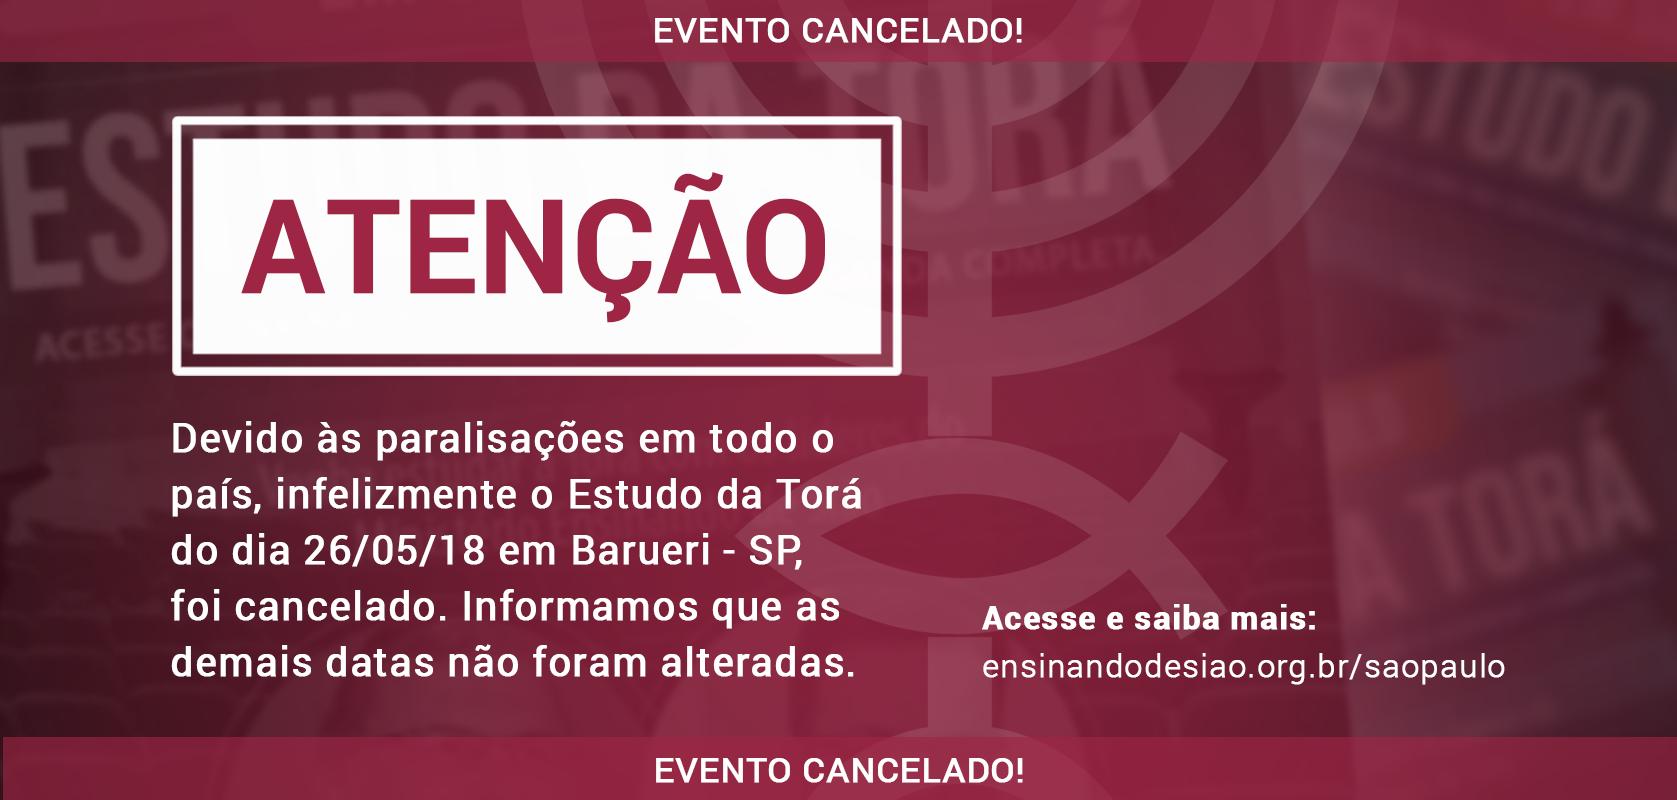 banner-evento-cancelado